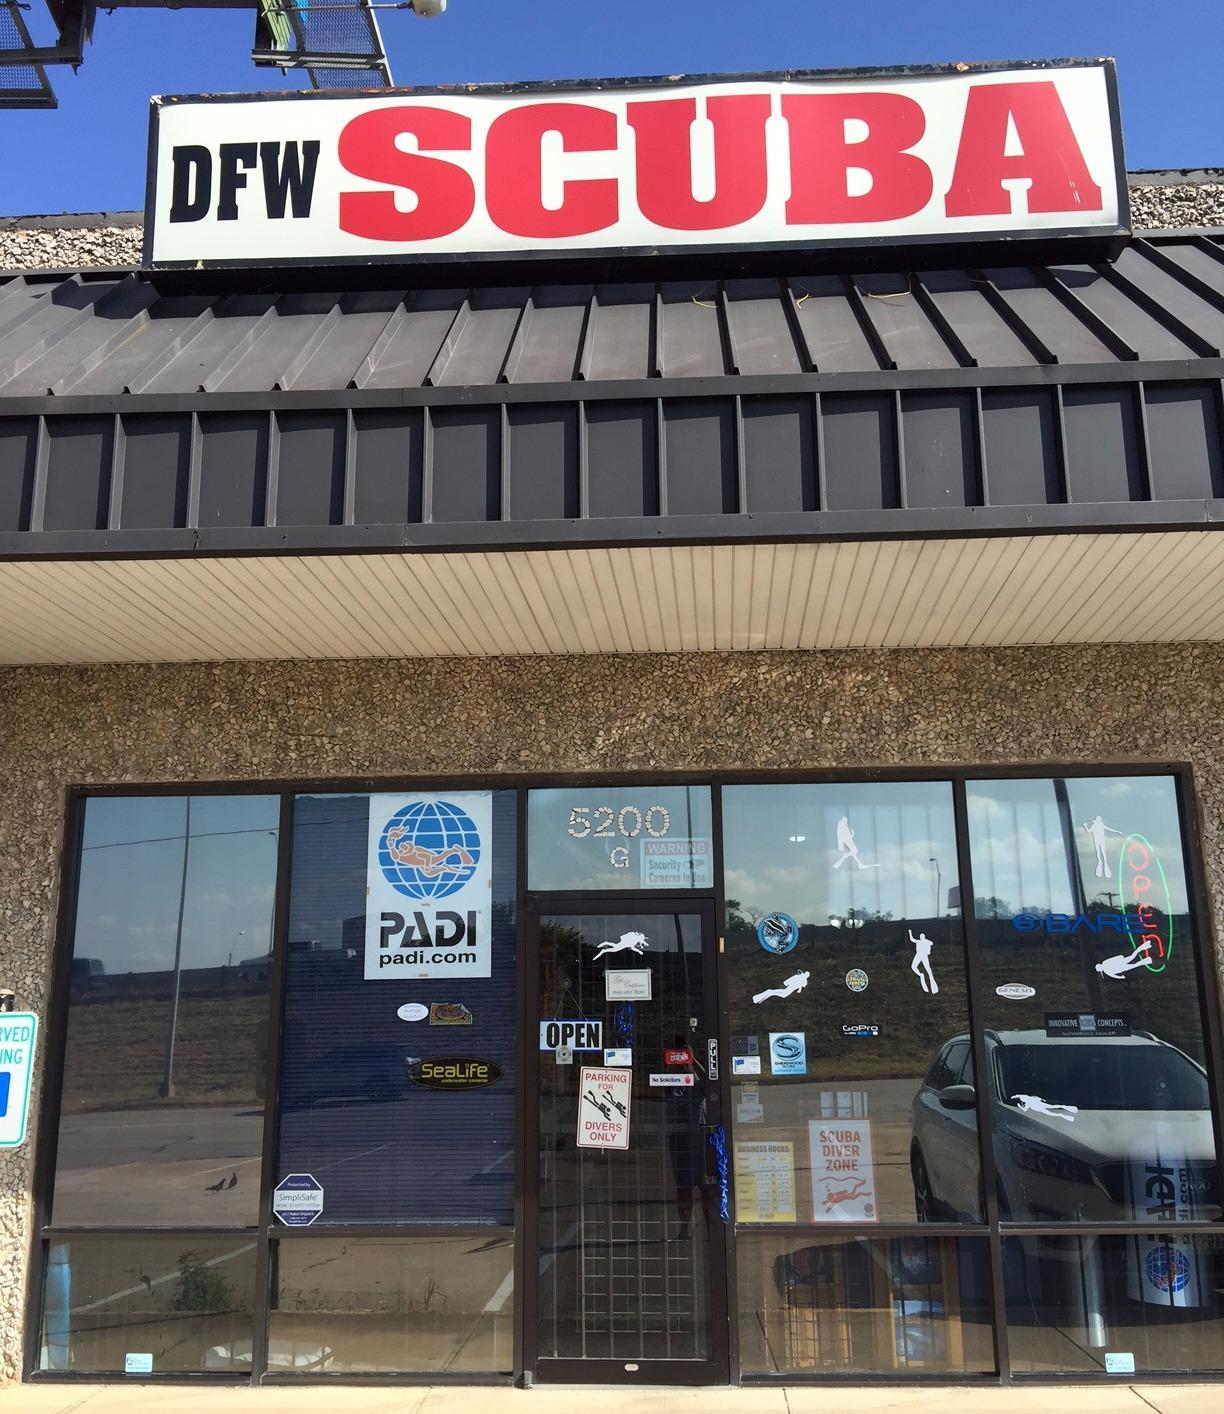 Dfw scuba shop coupons near me in haltom city 8coupons - Dive shops near me ...